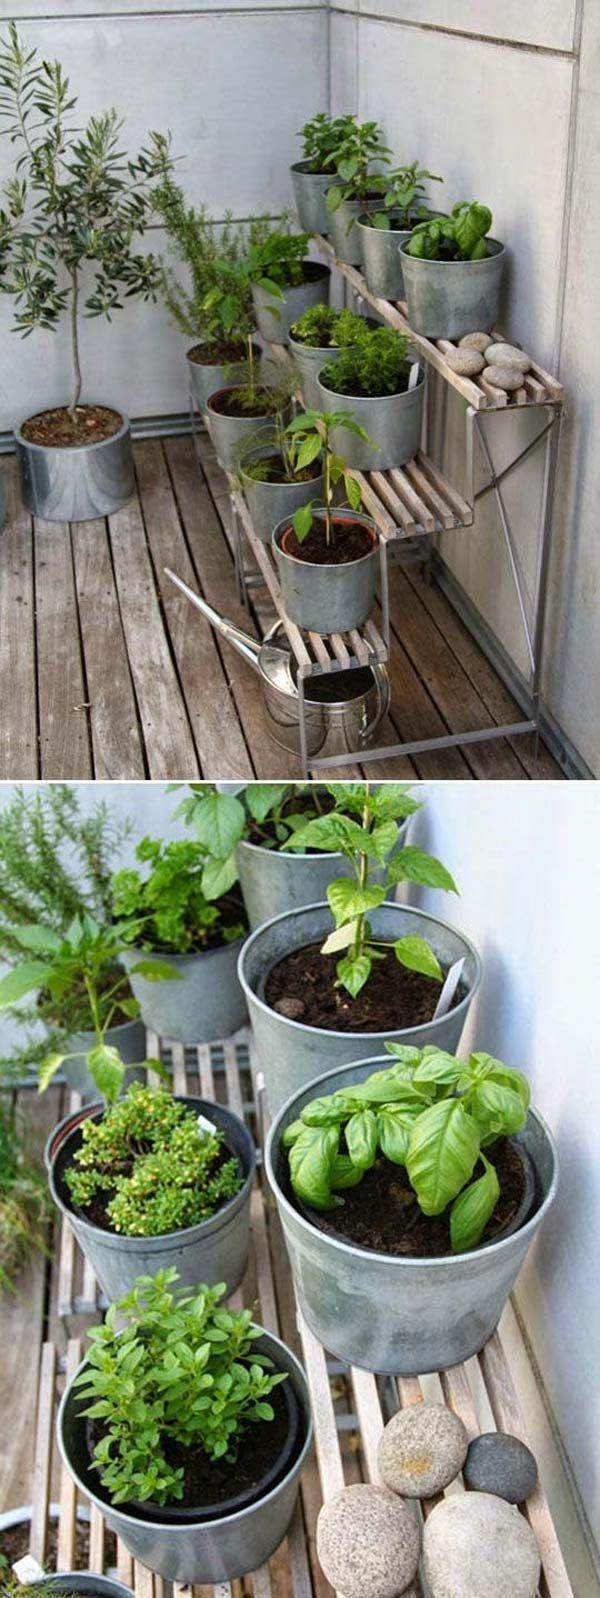 Best 25 indoor mini garden ideas on pinterest small for Indoor mini garden ideas